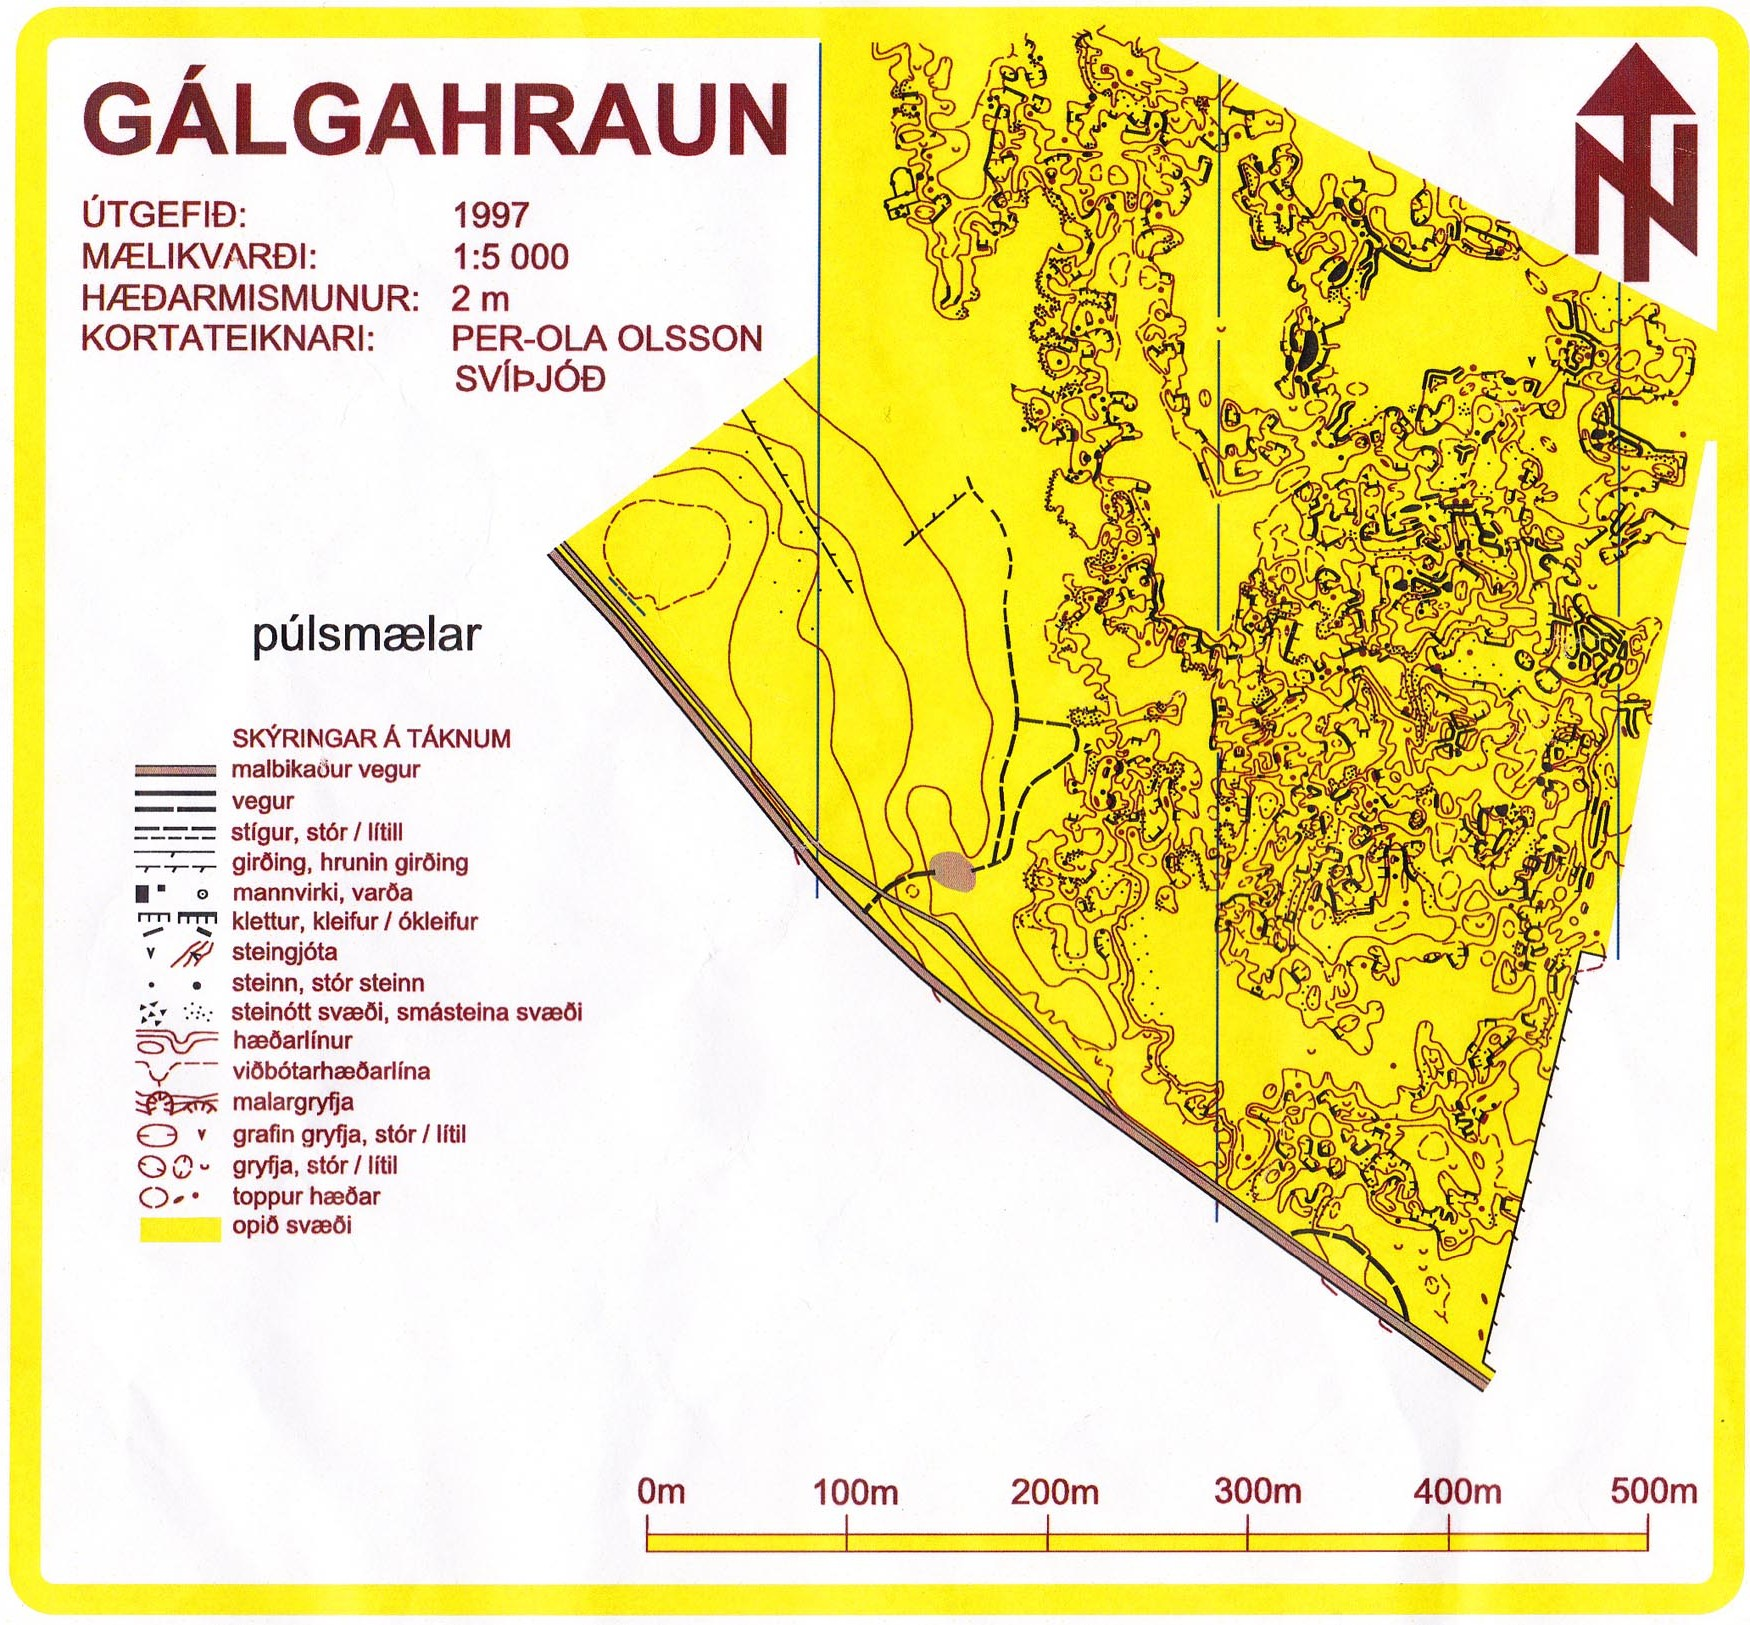 Galgahraun orienteering